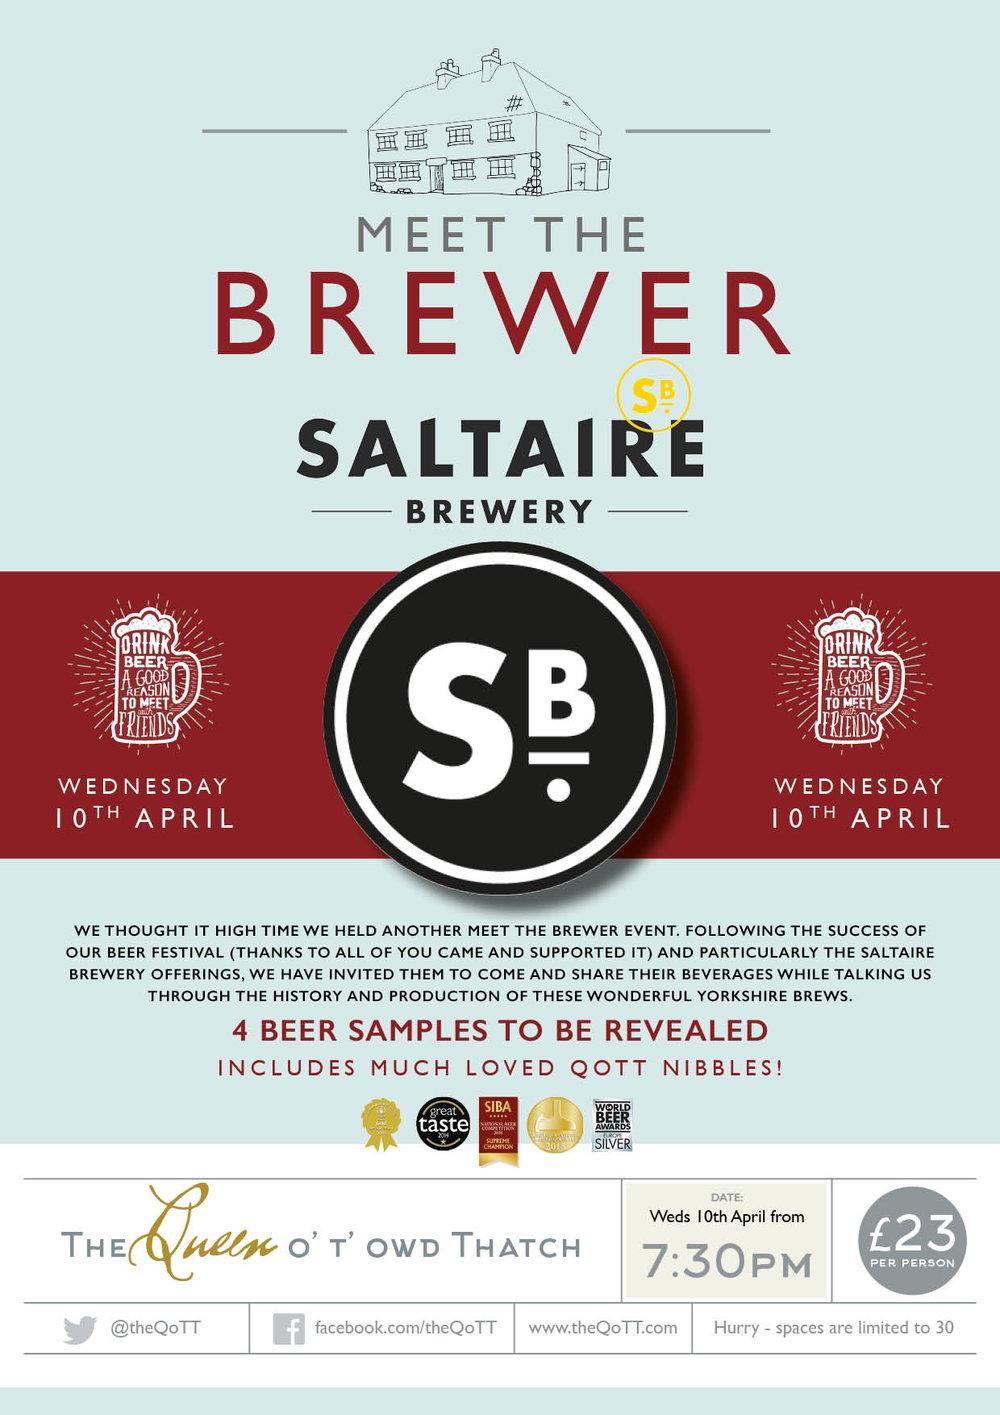 meet_the_brewer_2019_saltaire_new_brand.jpg